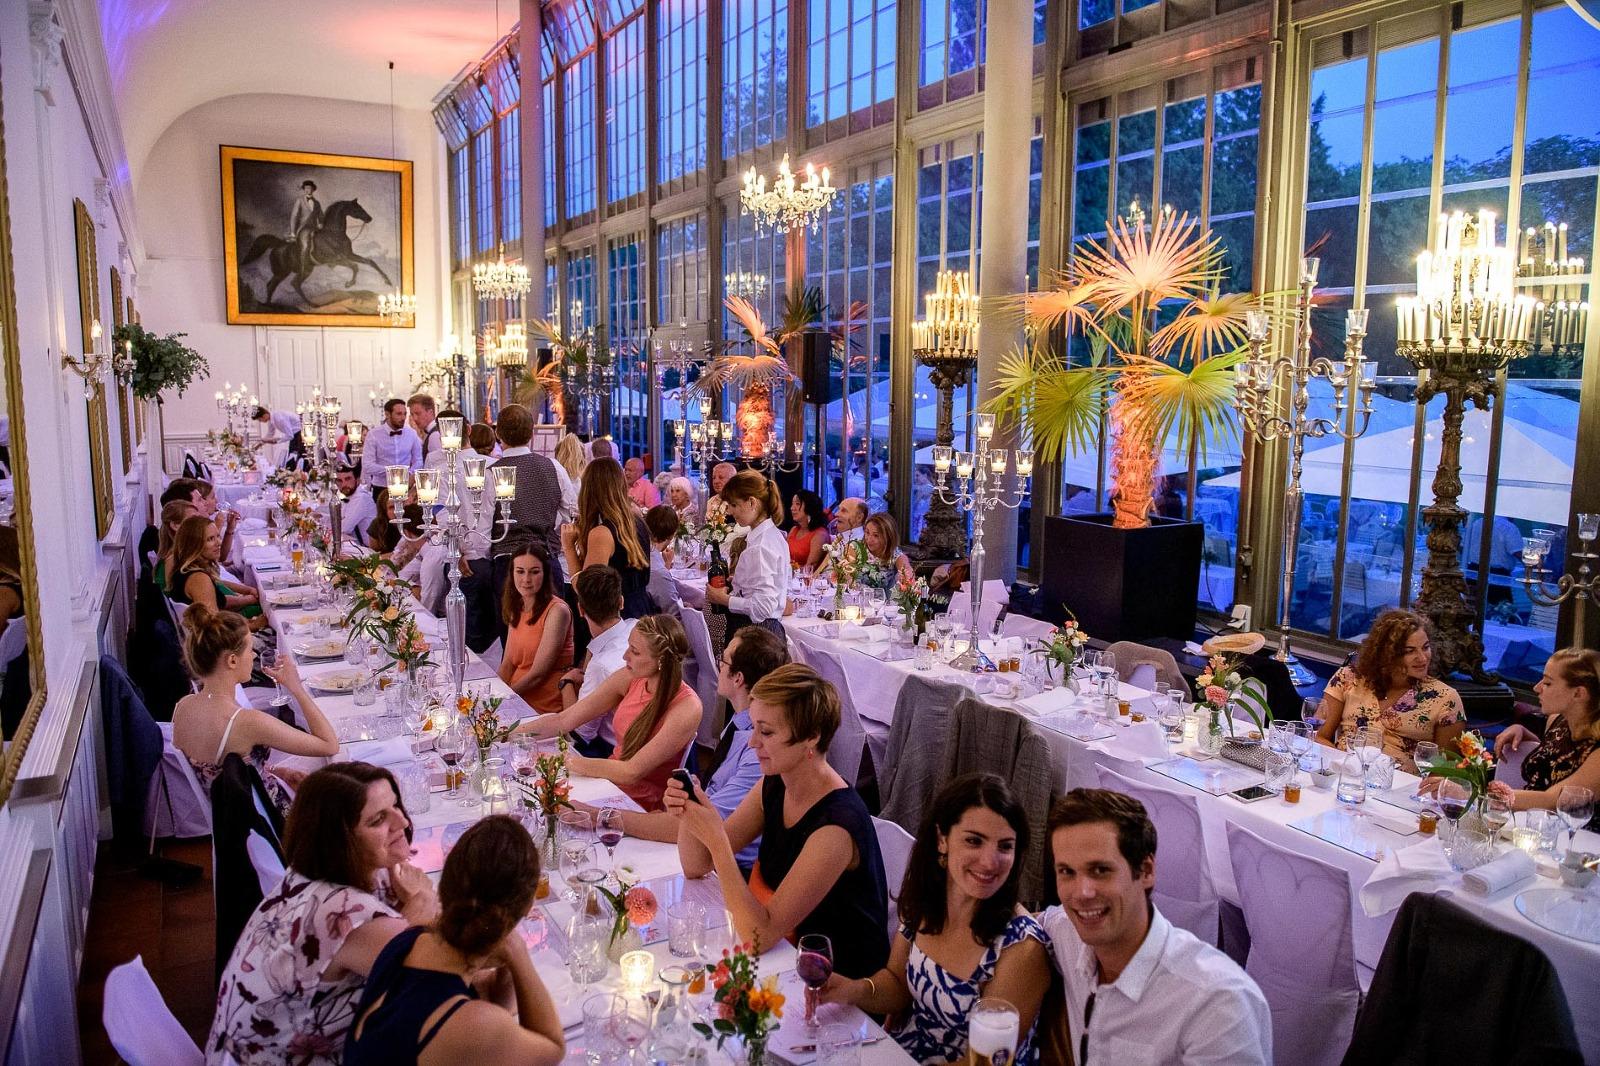 Fotograf München Hochzeit, Hochzeitsfeier im Palmenhaus in Nymphenburg